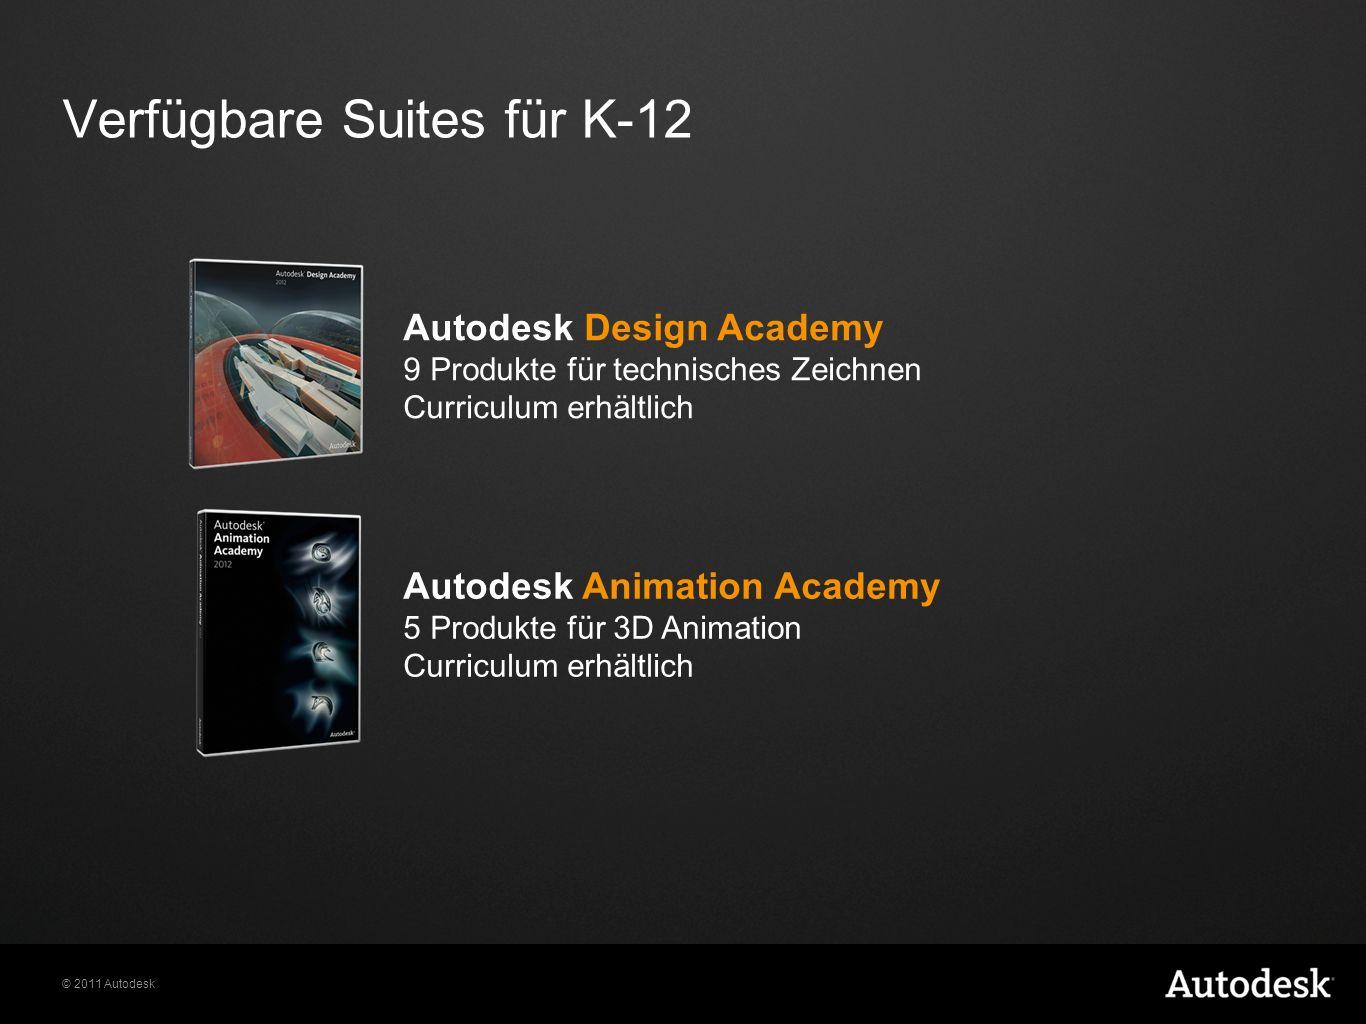 © 2011 Autodesk Verfügbare Suites für K-12 Autodesk Design Academy 9 Produkte für technisches Zeichnen Curriculum erhältlich Autodesk Animation Academy 5 Produkte für 3D Animation Curriculum erhältlich